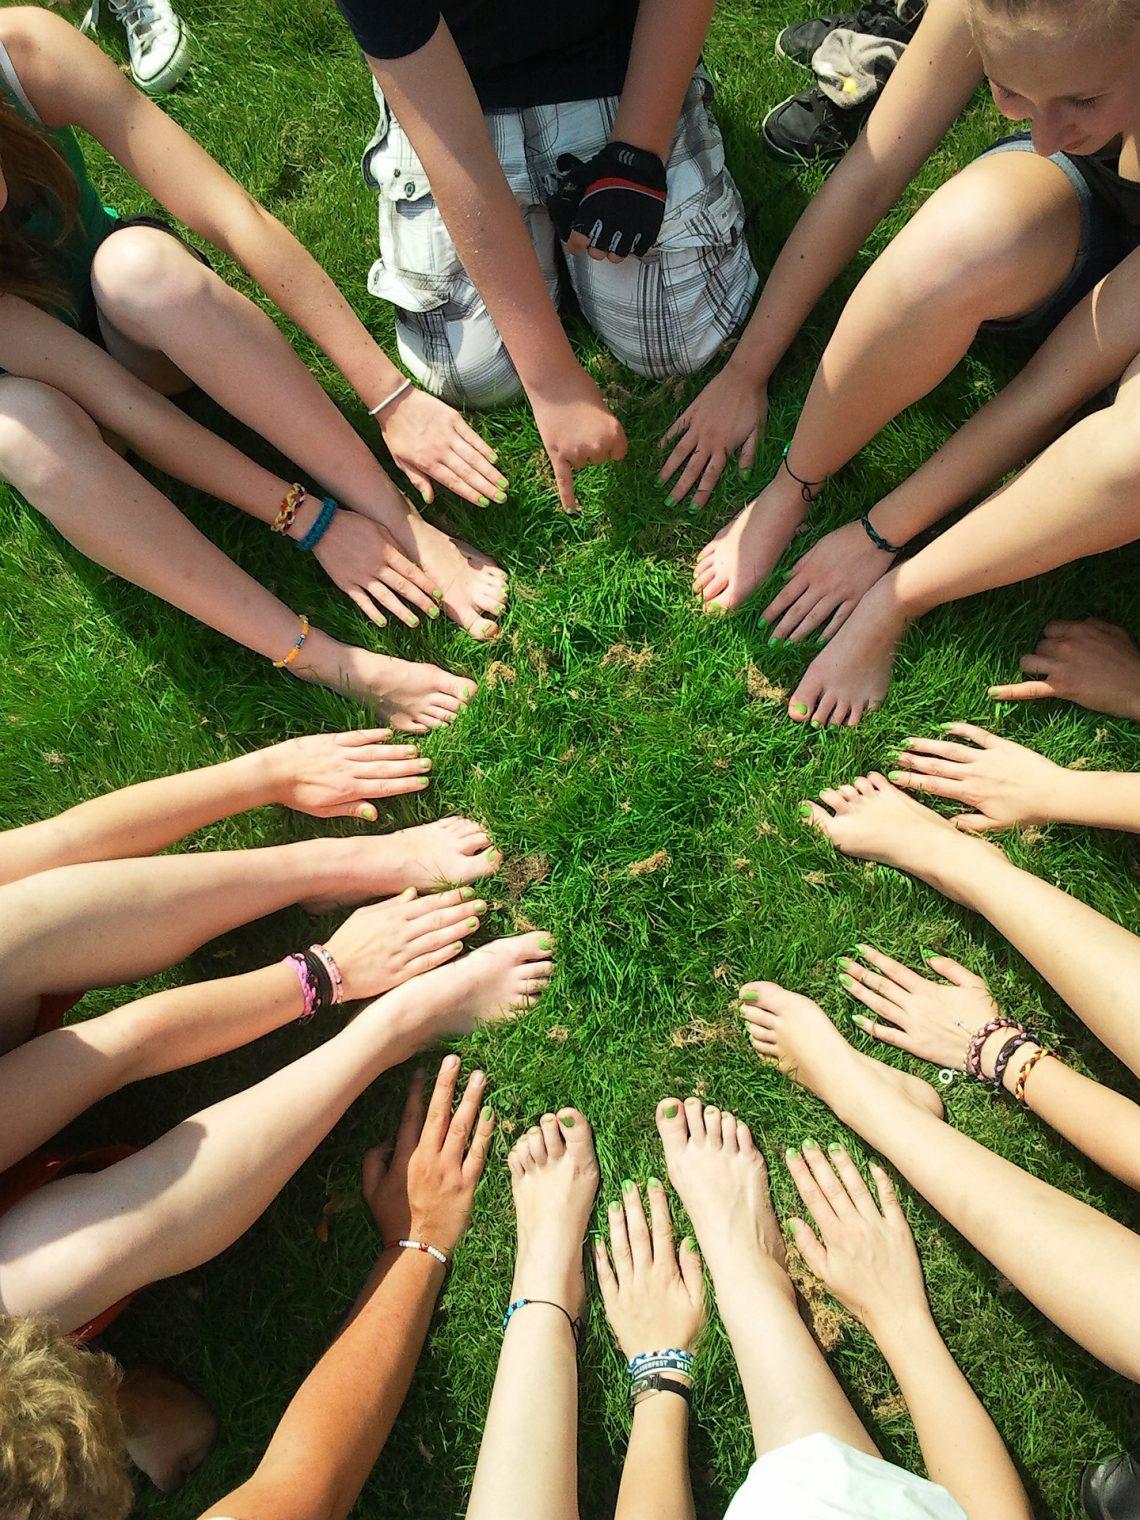 Acht Jugendliche, die auf Grünem Gras alle ihre Hände und nackten Füße in die Mitte strecken, die alle grün lackierte Nägel haben.